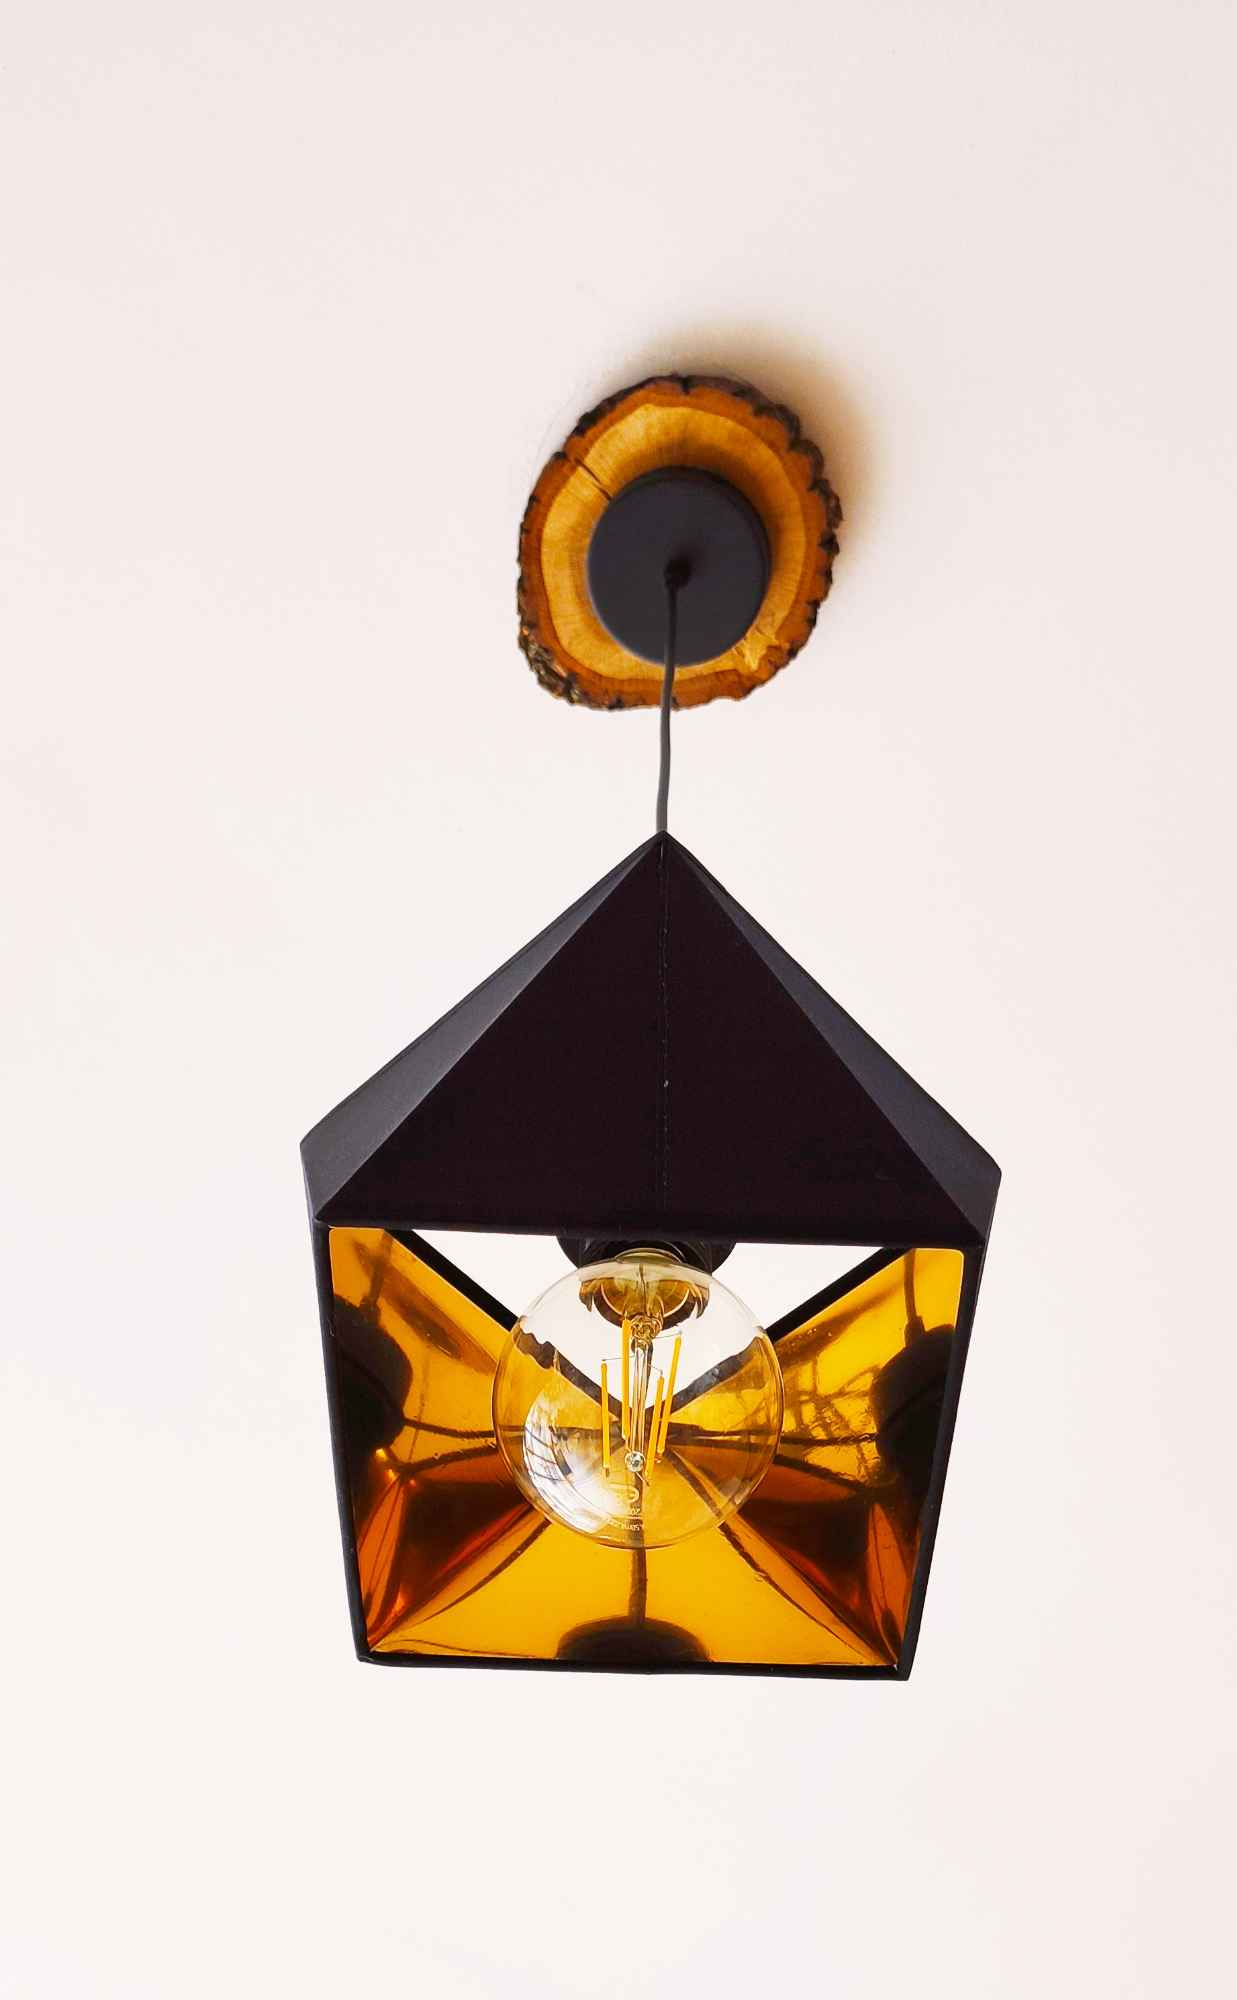 NOWOCZESNA LAMPA WISZĄCA ZŁOTY ABAŻUR DIAMENT Mysłowice - zdjęcie 1